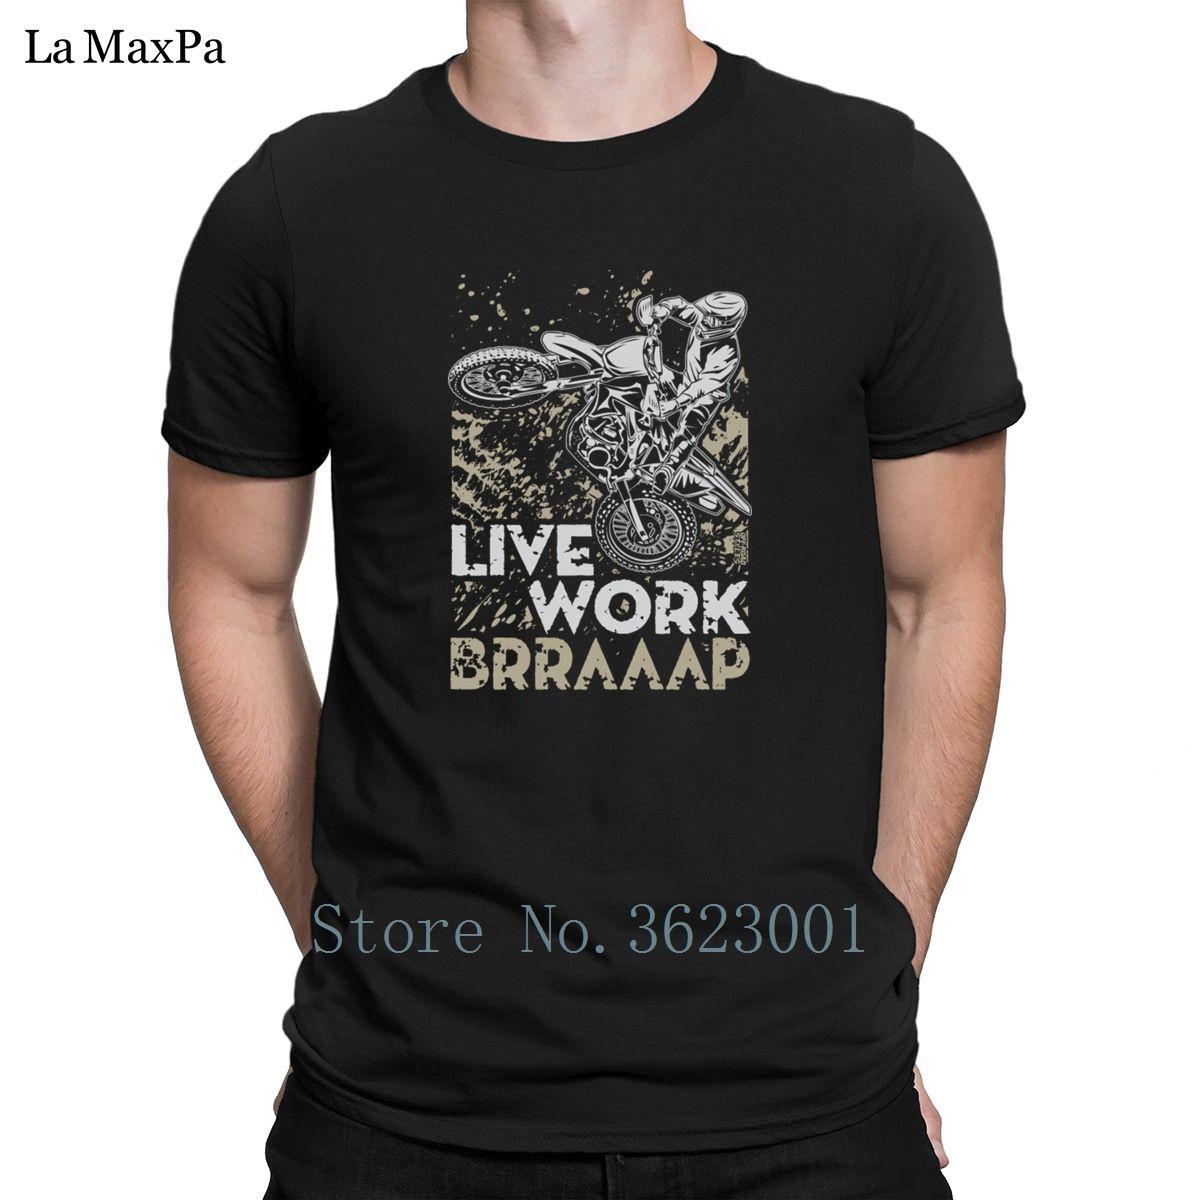 Novedad divertida camiseta para el collar de hombres Streetwear motocrós Vivo trabajo camiseta hombre inteligente Gran camiseta redonda Camiseta barato Venta